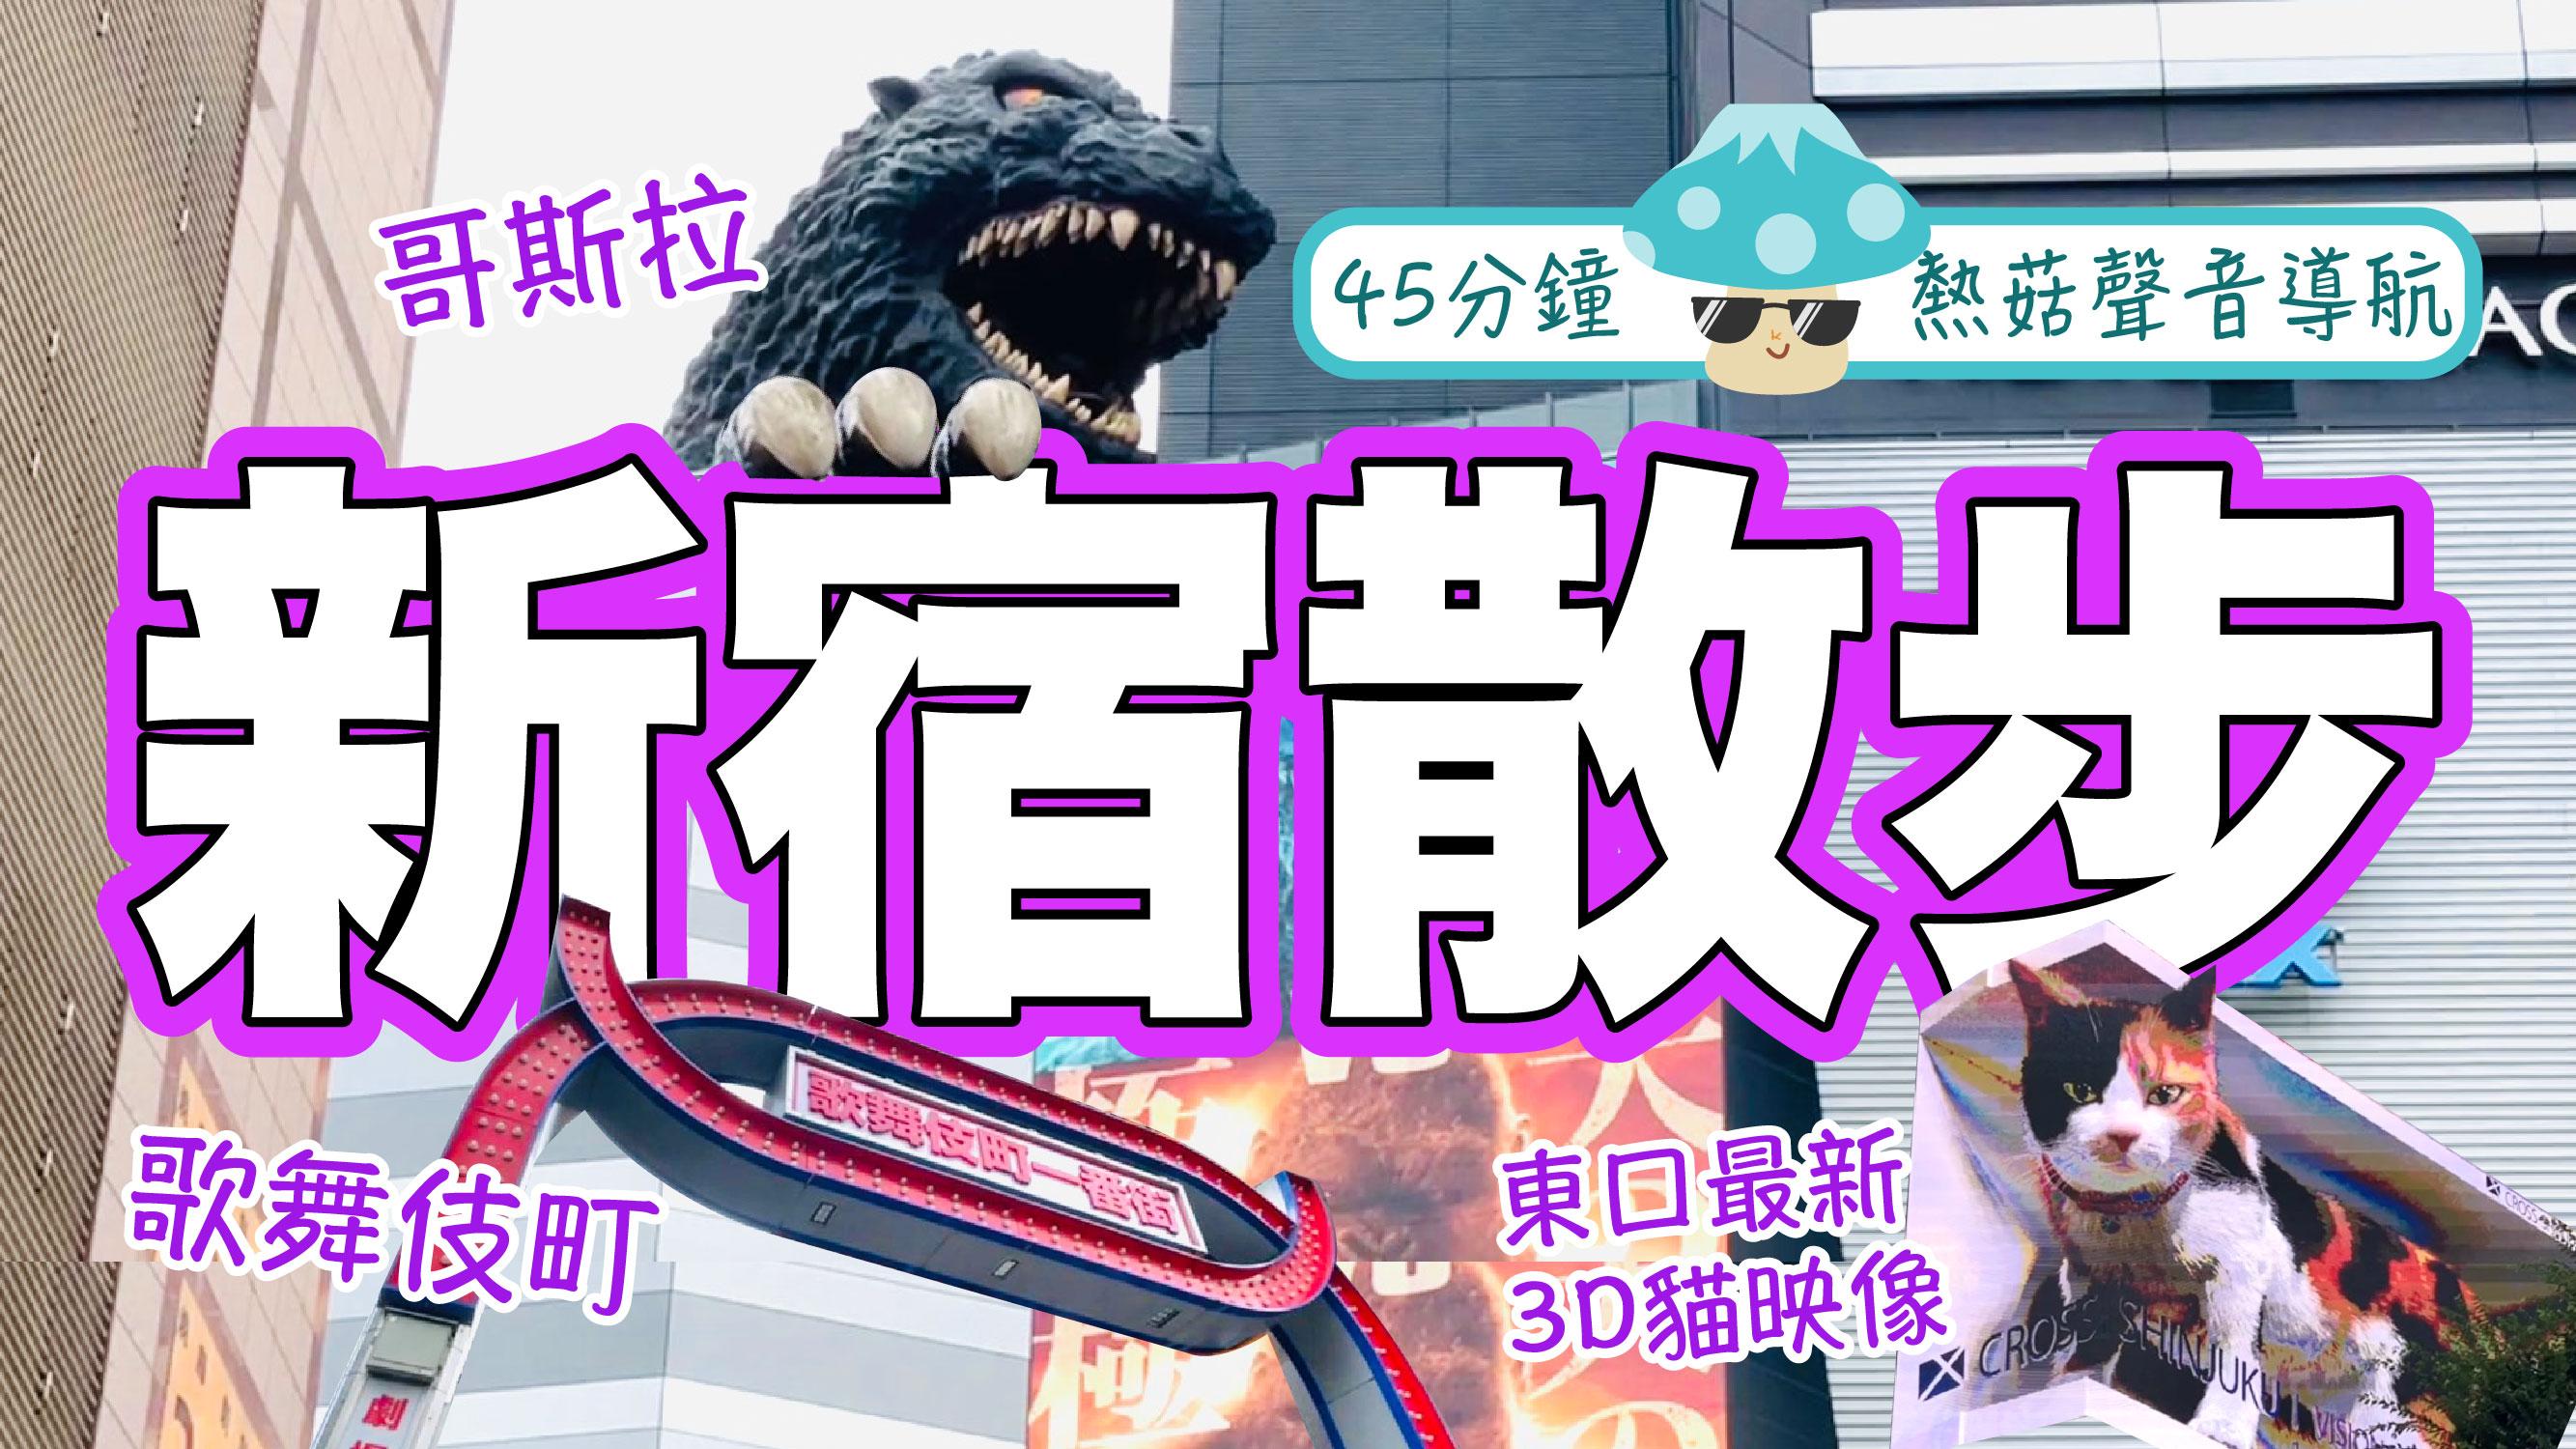 東京新宿散步(熱菇聲音導航版)|45分鐘帶你第一視角遊疫情下的新宿!新宿站東西連絡通道→最新巨大3D貓→歌舞伎町→思出橫丁→太多不能盡錄…|2021年7月新鮮滾熱辣|熱菇日本